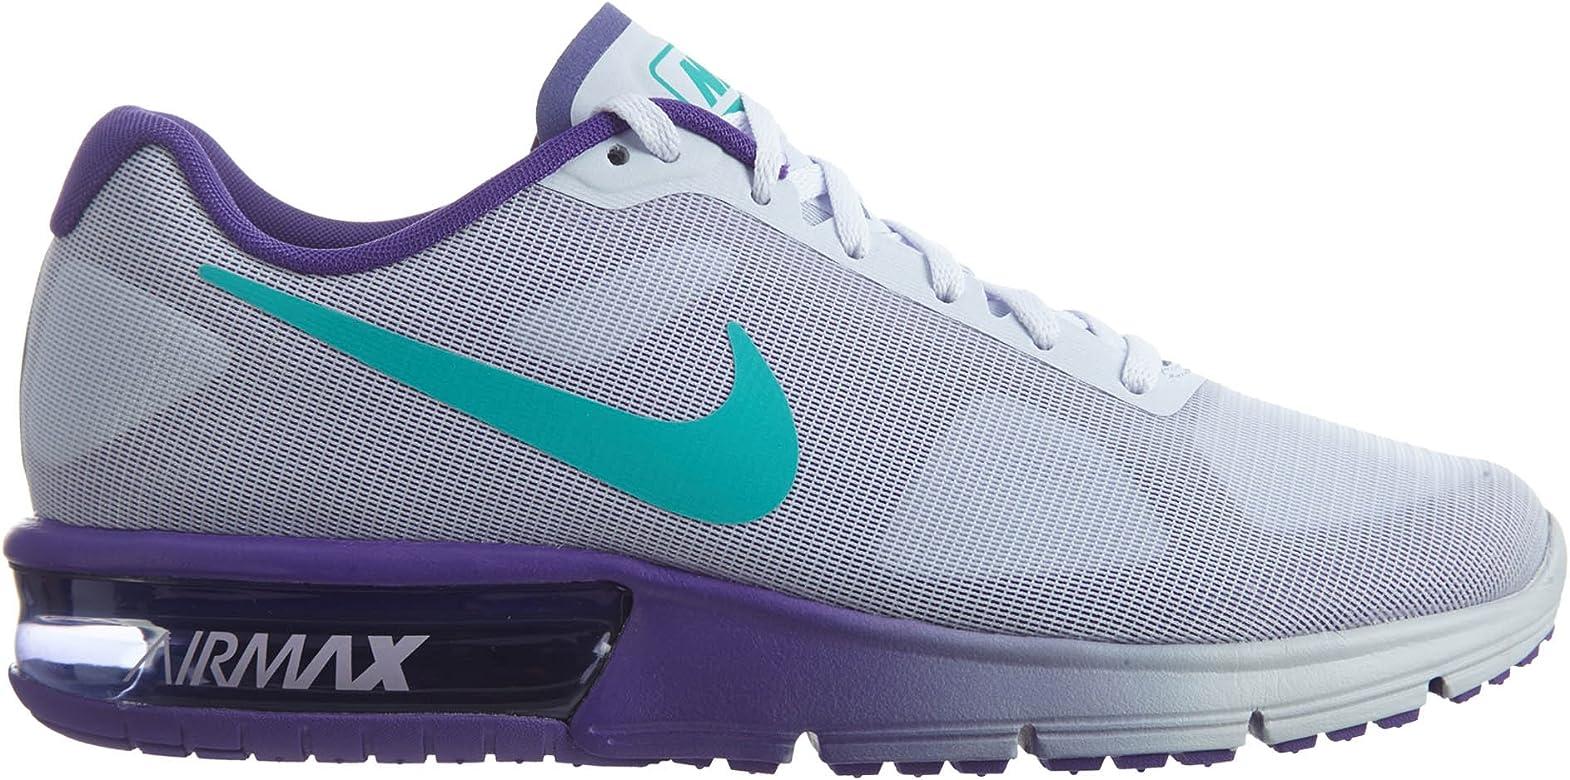 Nike 719916-504, Zapatillas de Trail Running para Mujer, Morado (Palest Purple/Clear Jade Fierce Purple), 42.5 EU: Amazon.es: Zapatos y complementos